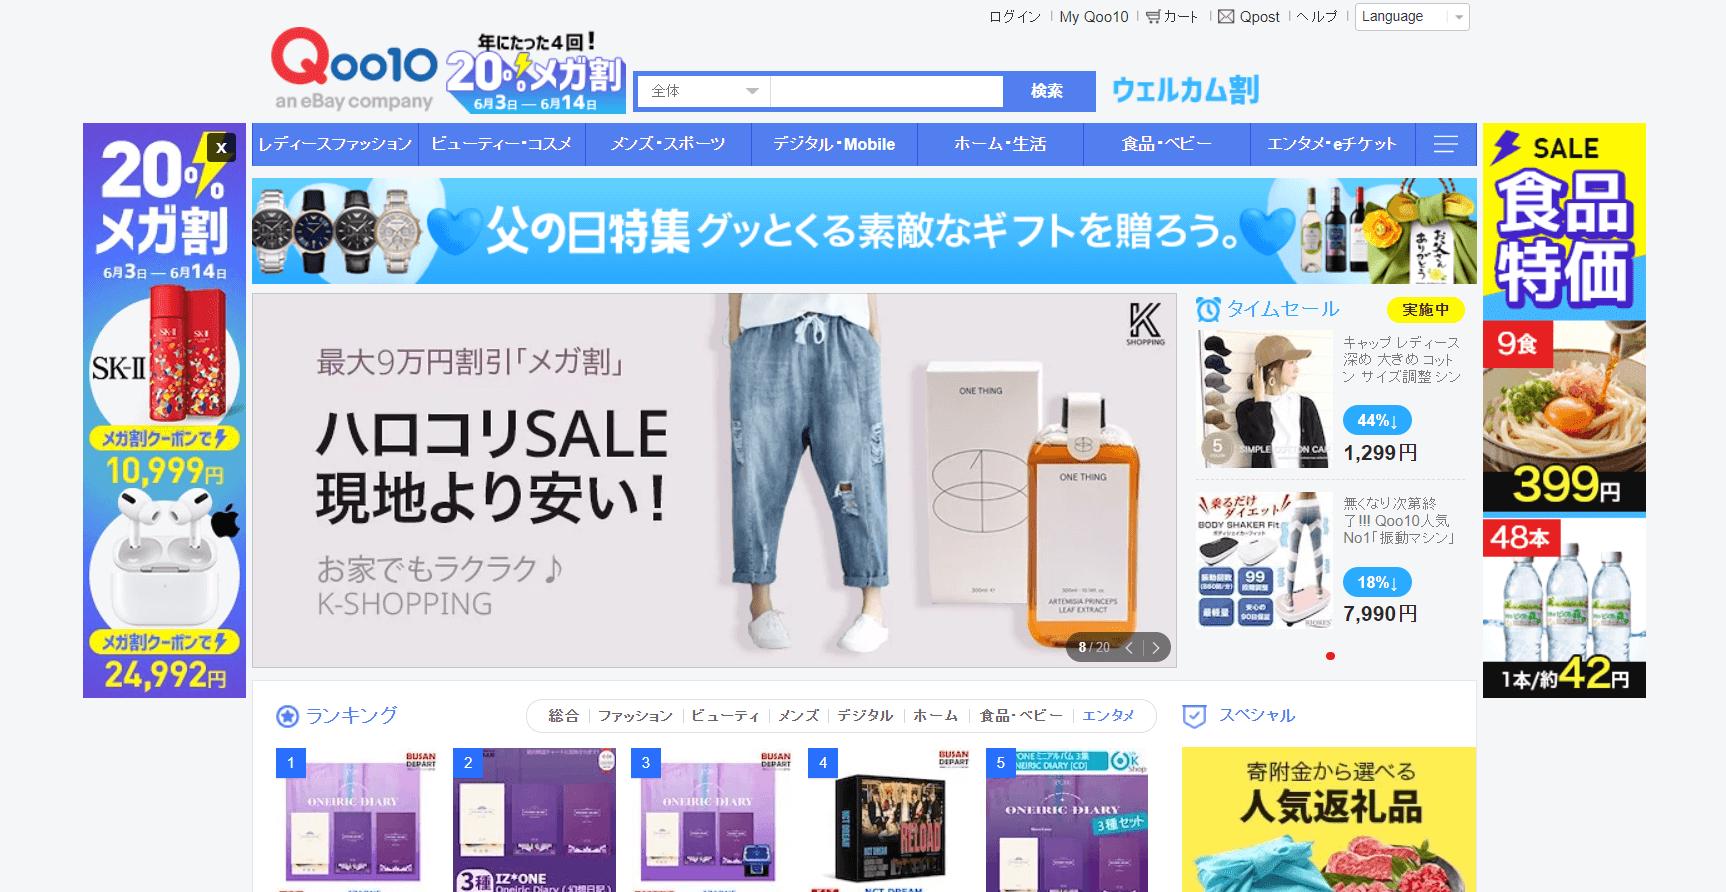 Qoo10の公式サイト